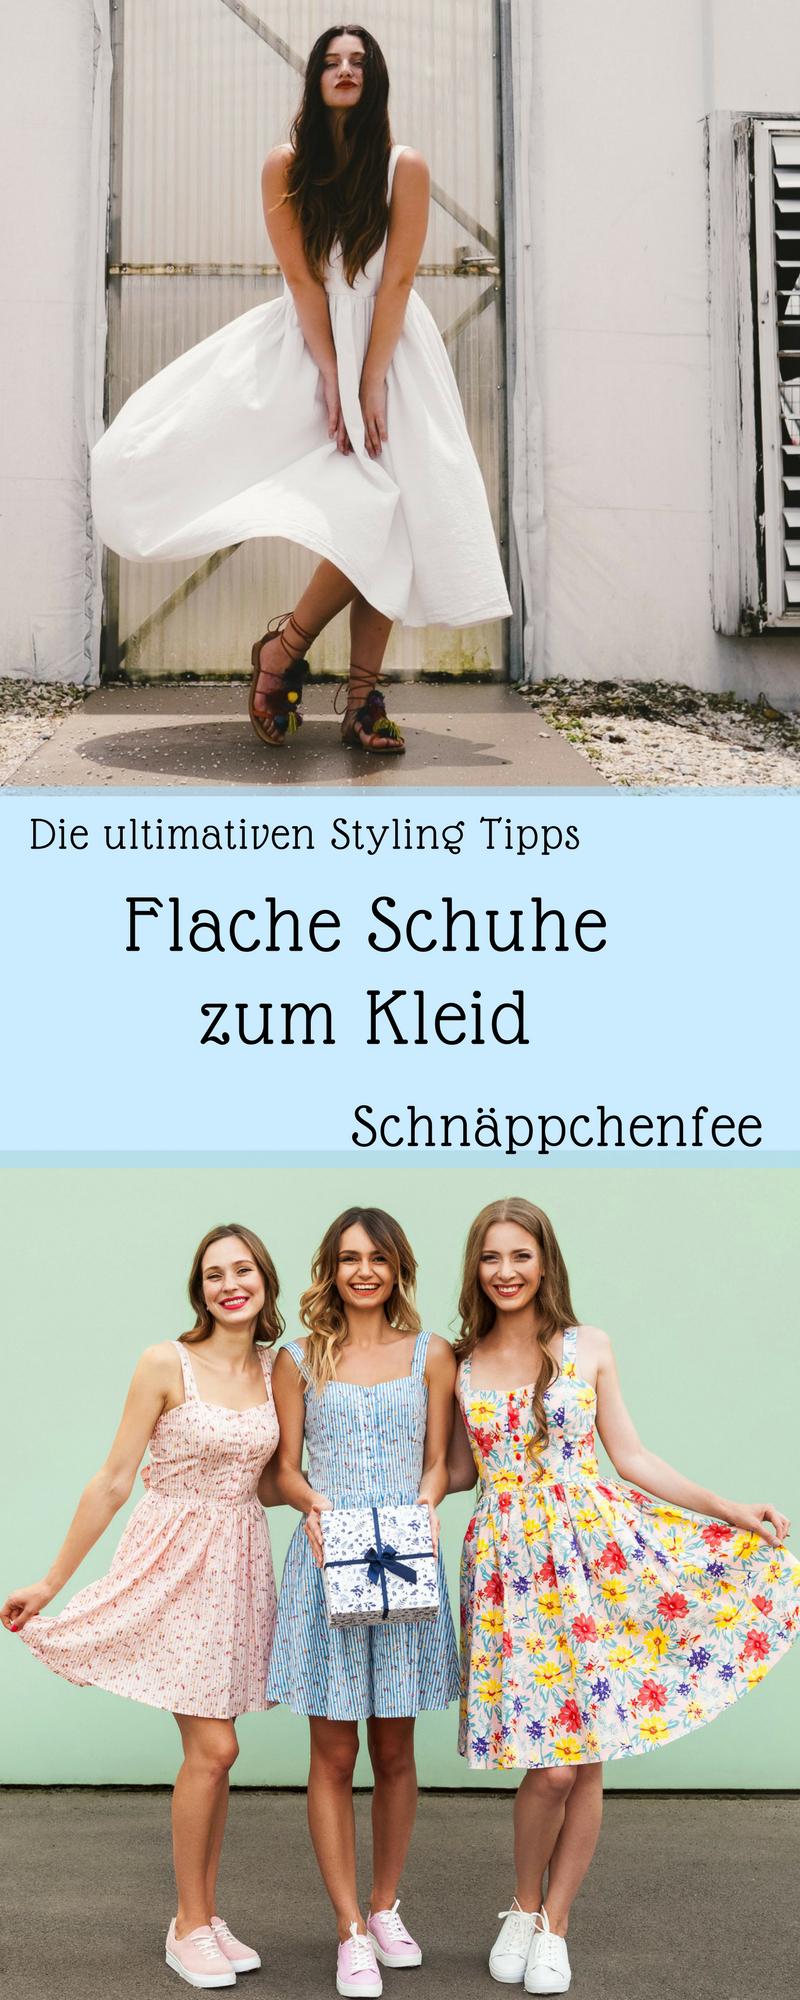 Formal Erstaunlich Flache Schuhe Abendkleid BoutiqueDesigner Coolste Flache Schuhe Abendkleid Bester Preis